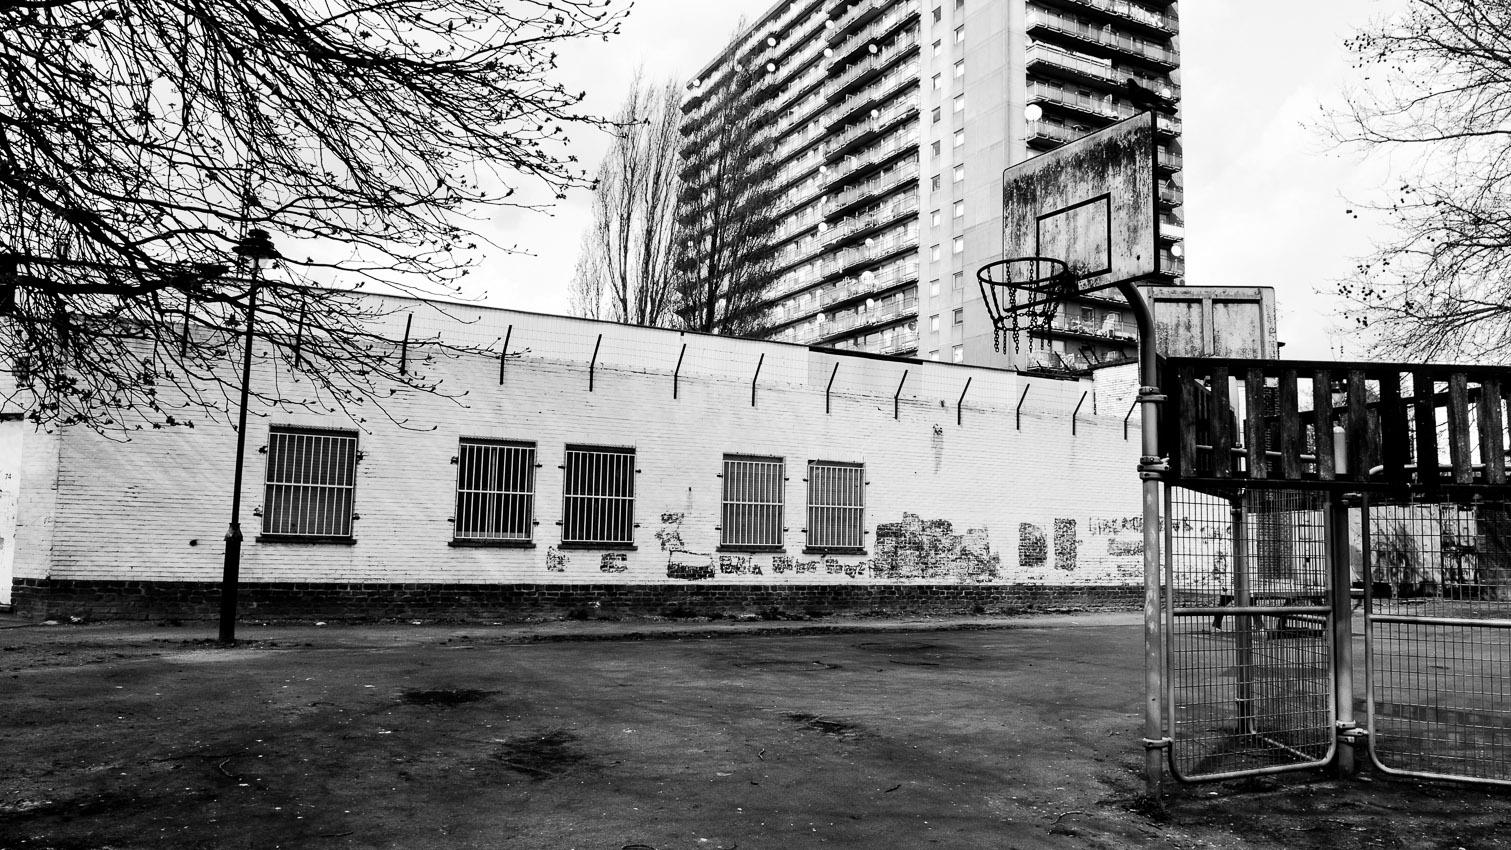 05-parc-foret-location-decors-film-cinema-photo-belgium-bruxelles